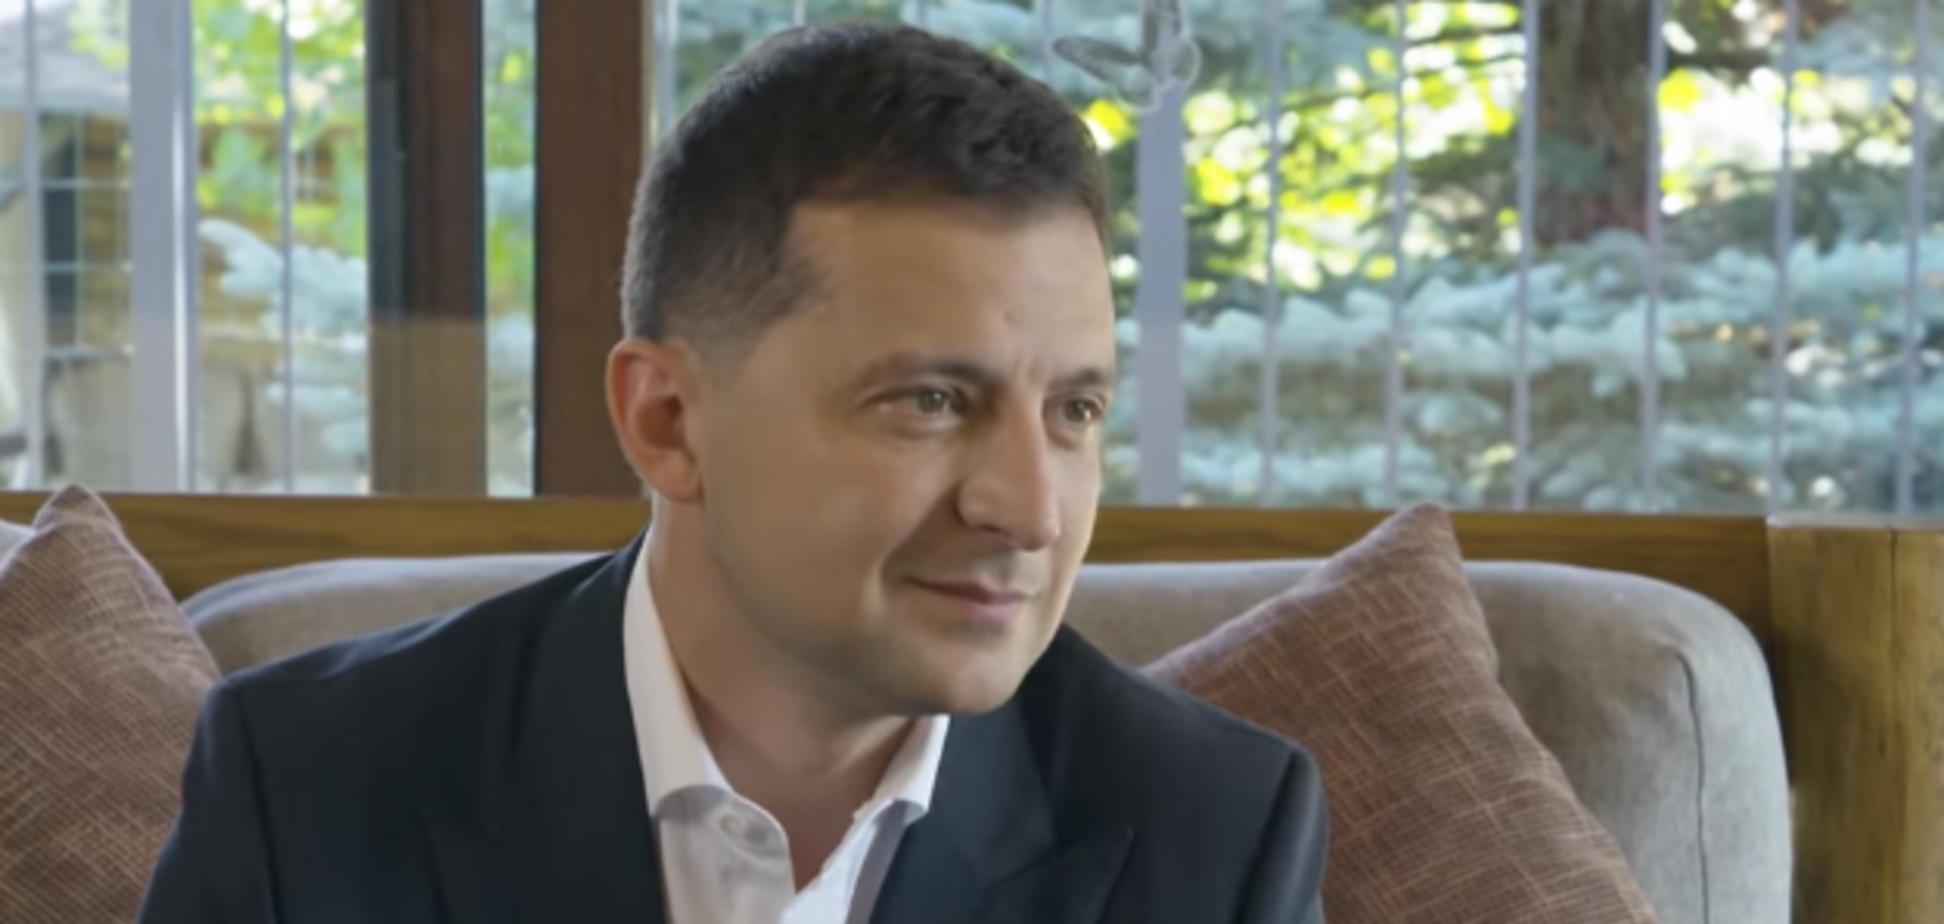 'Я работаю': Зеленский вспомнил, как показал яйца критикам